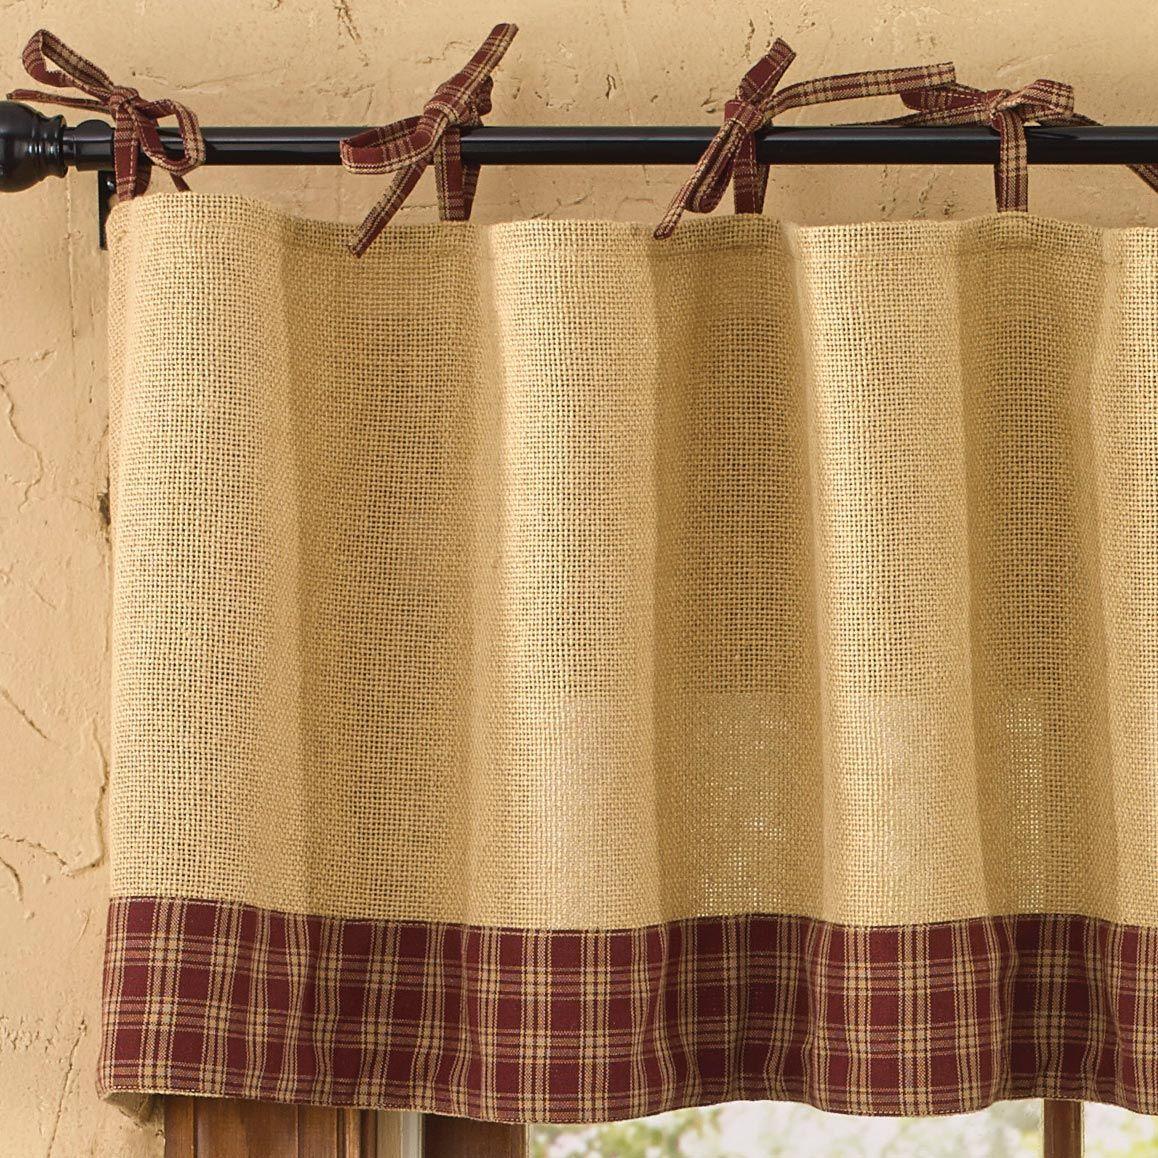 ивановской шторы из мешковины своими руками фото пару